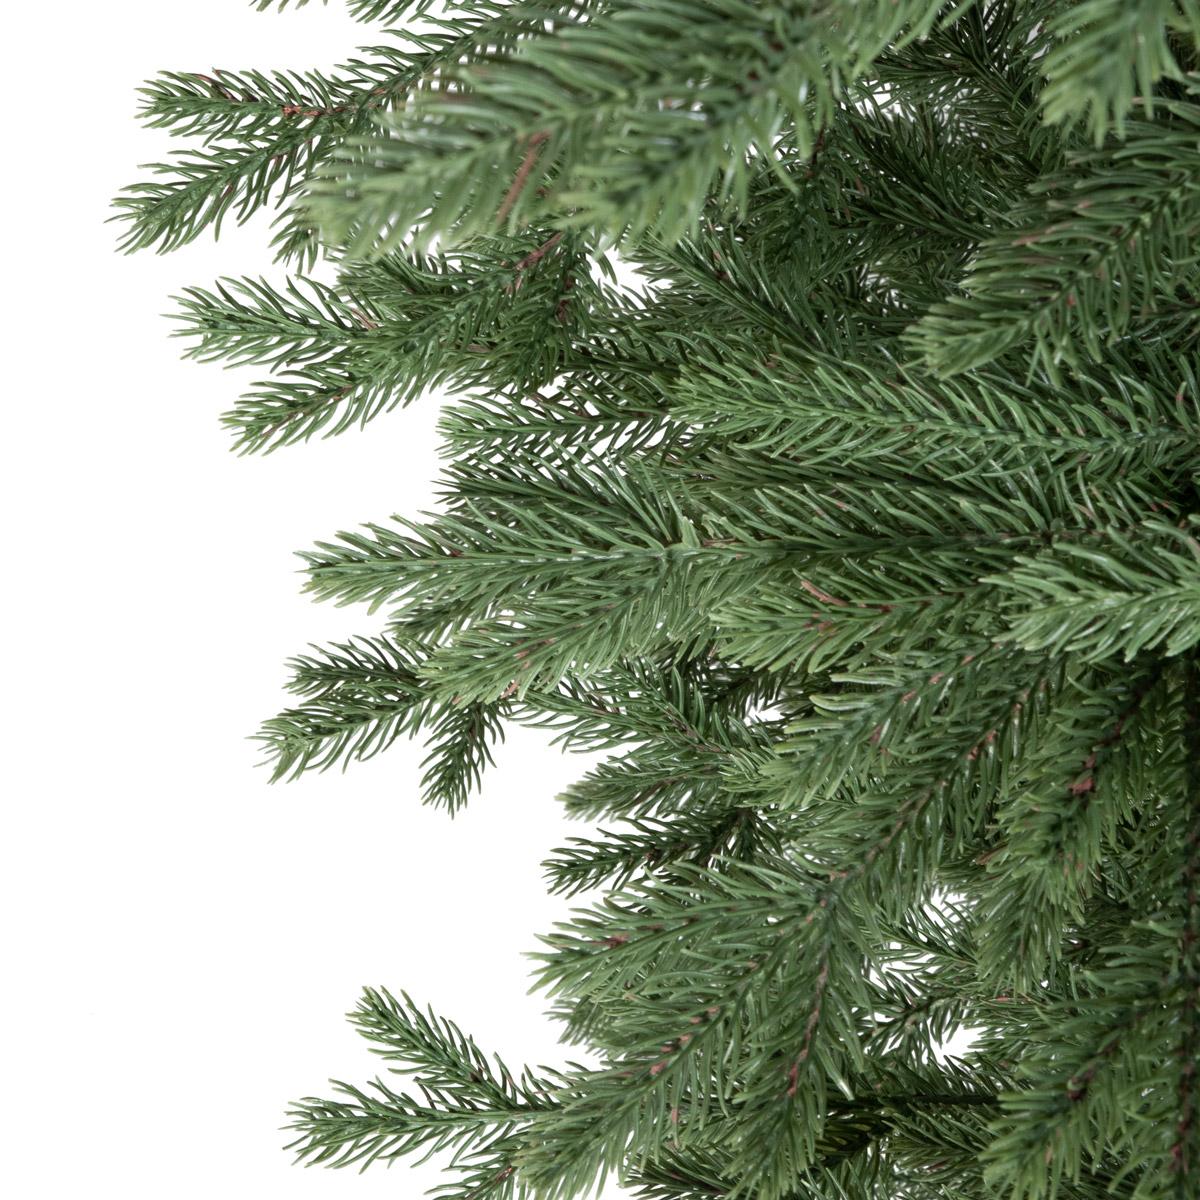 https://www.fairytrees.fr/wp-content/uploads/2017/12/arbre-de-noel-artificiel-sapin-des-alpes-premium-pu-fairytrees-1.jpg